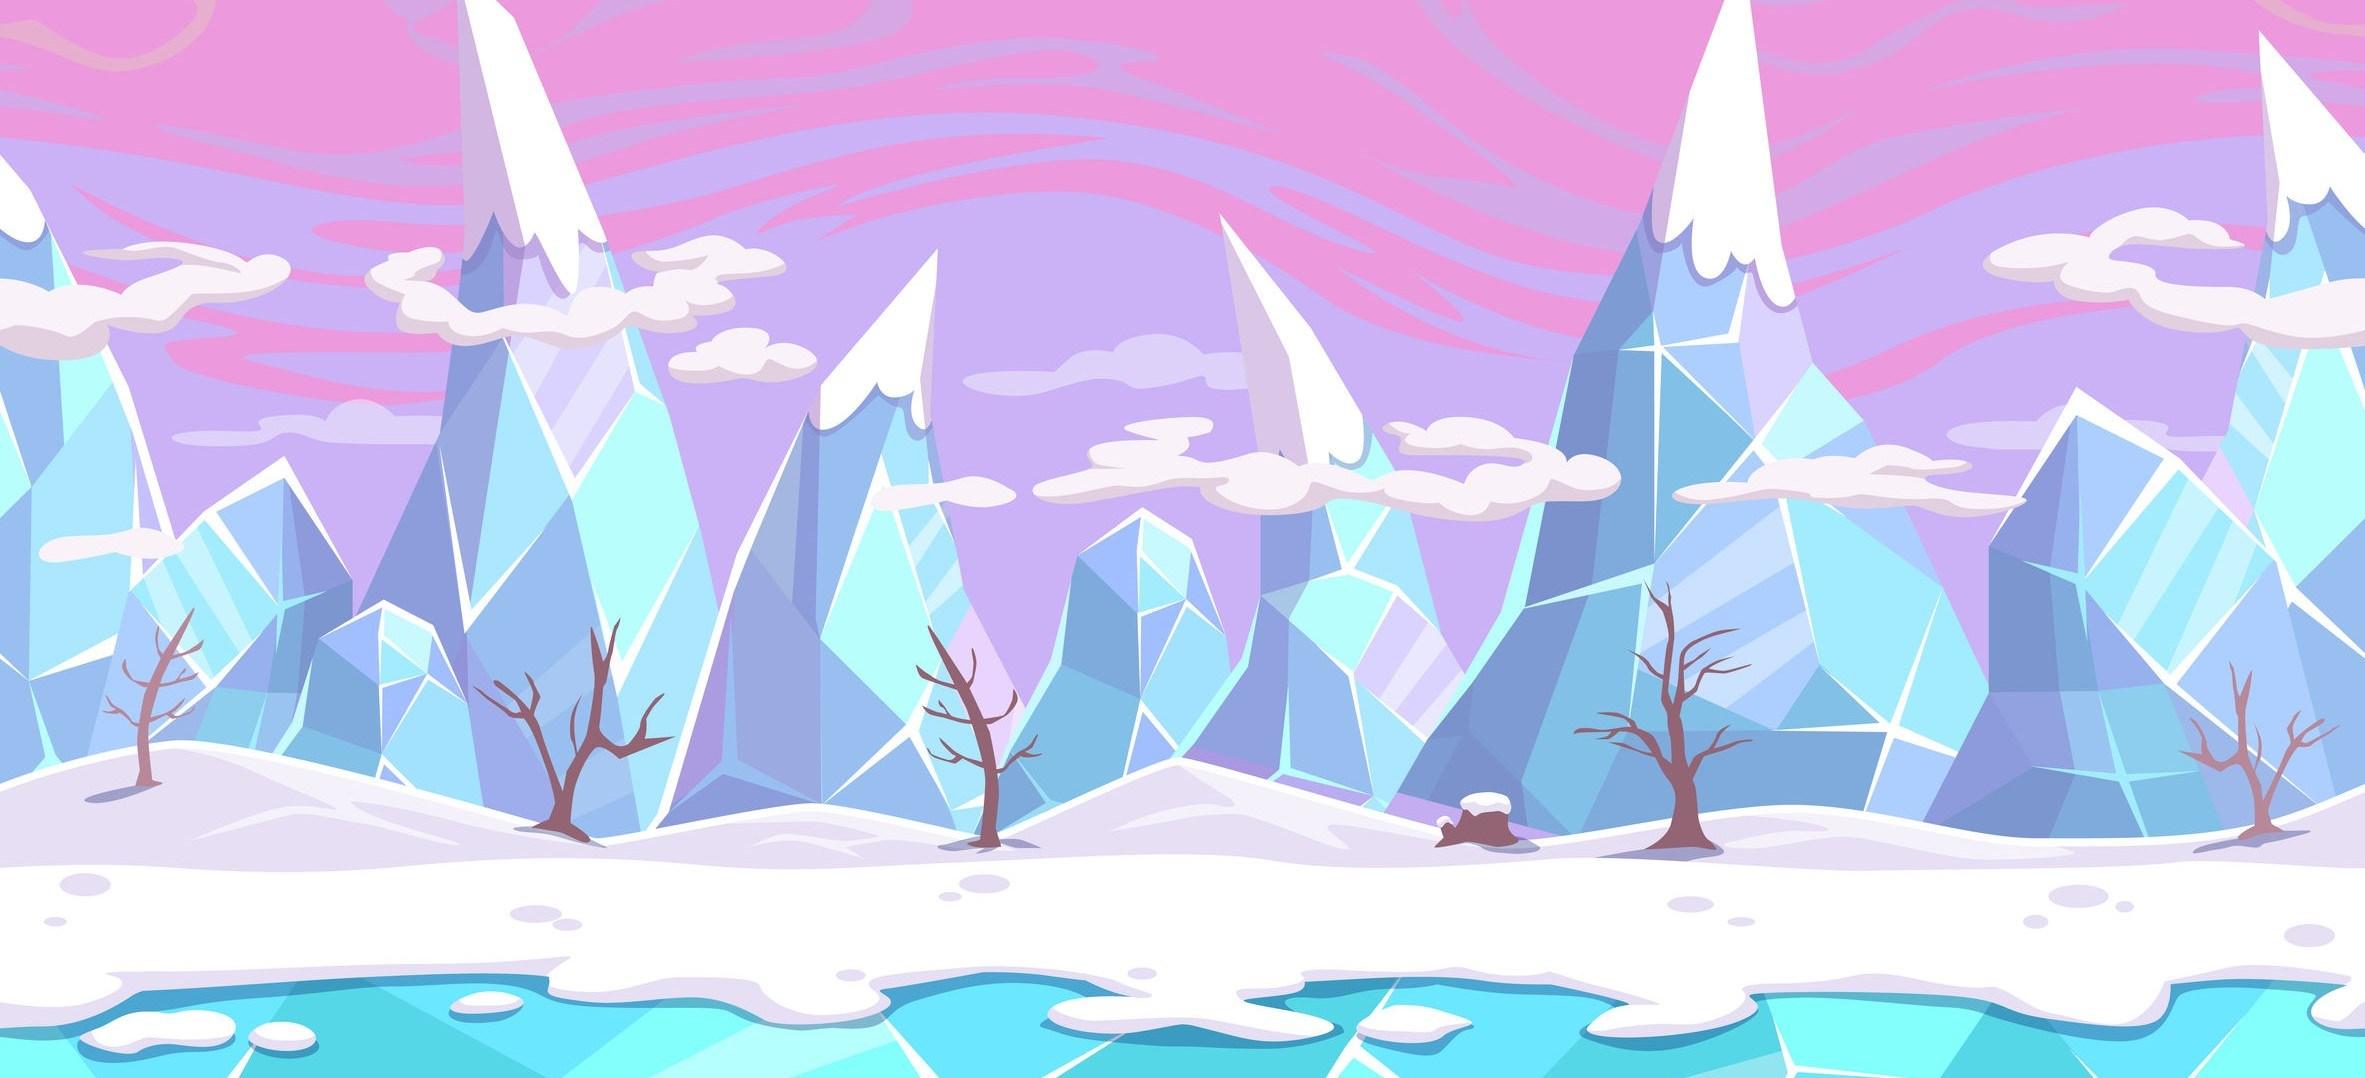 Winterlandschaften wie diese können uns manchmal traurig machen.